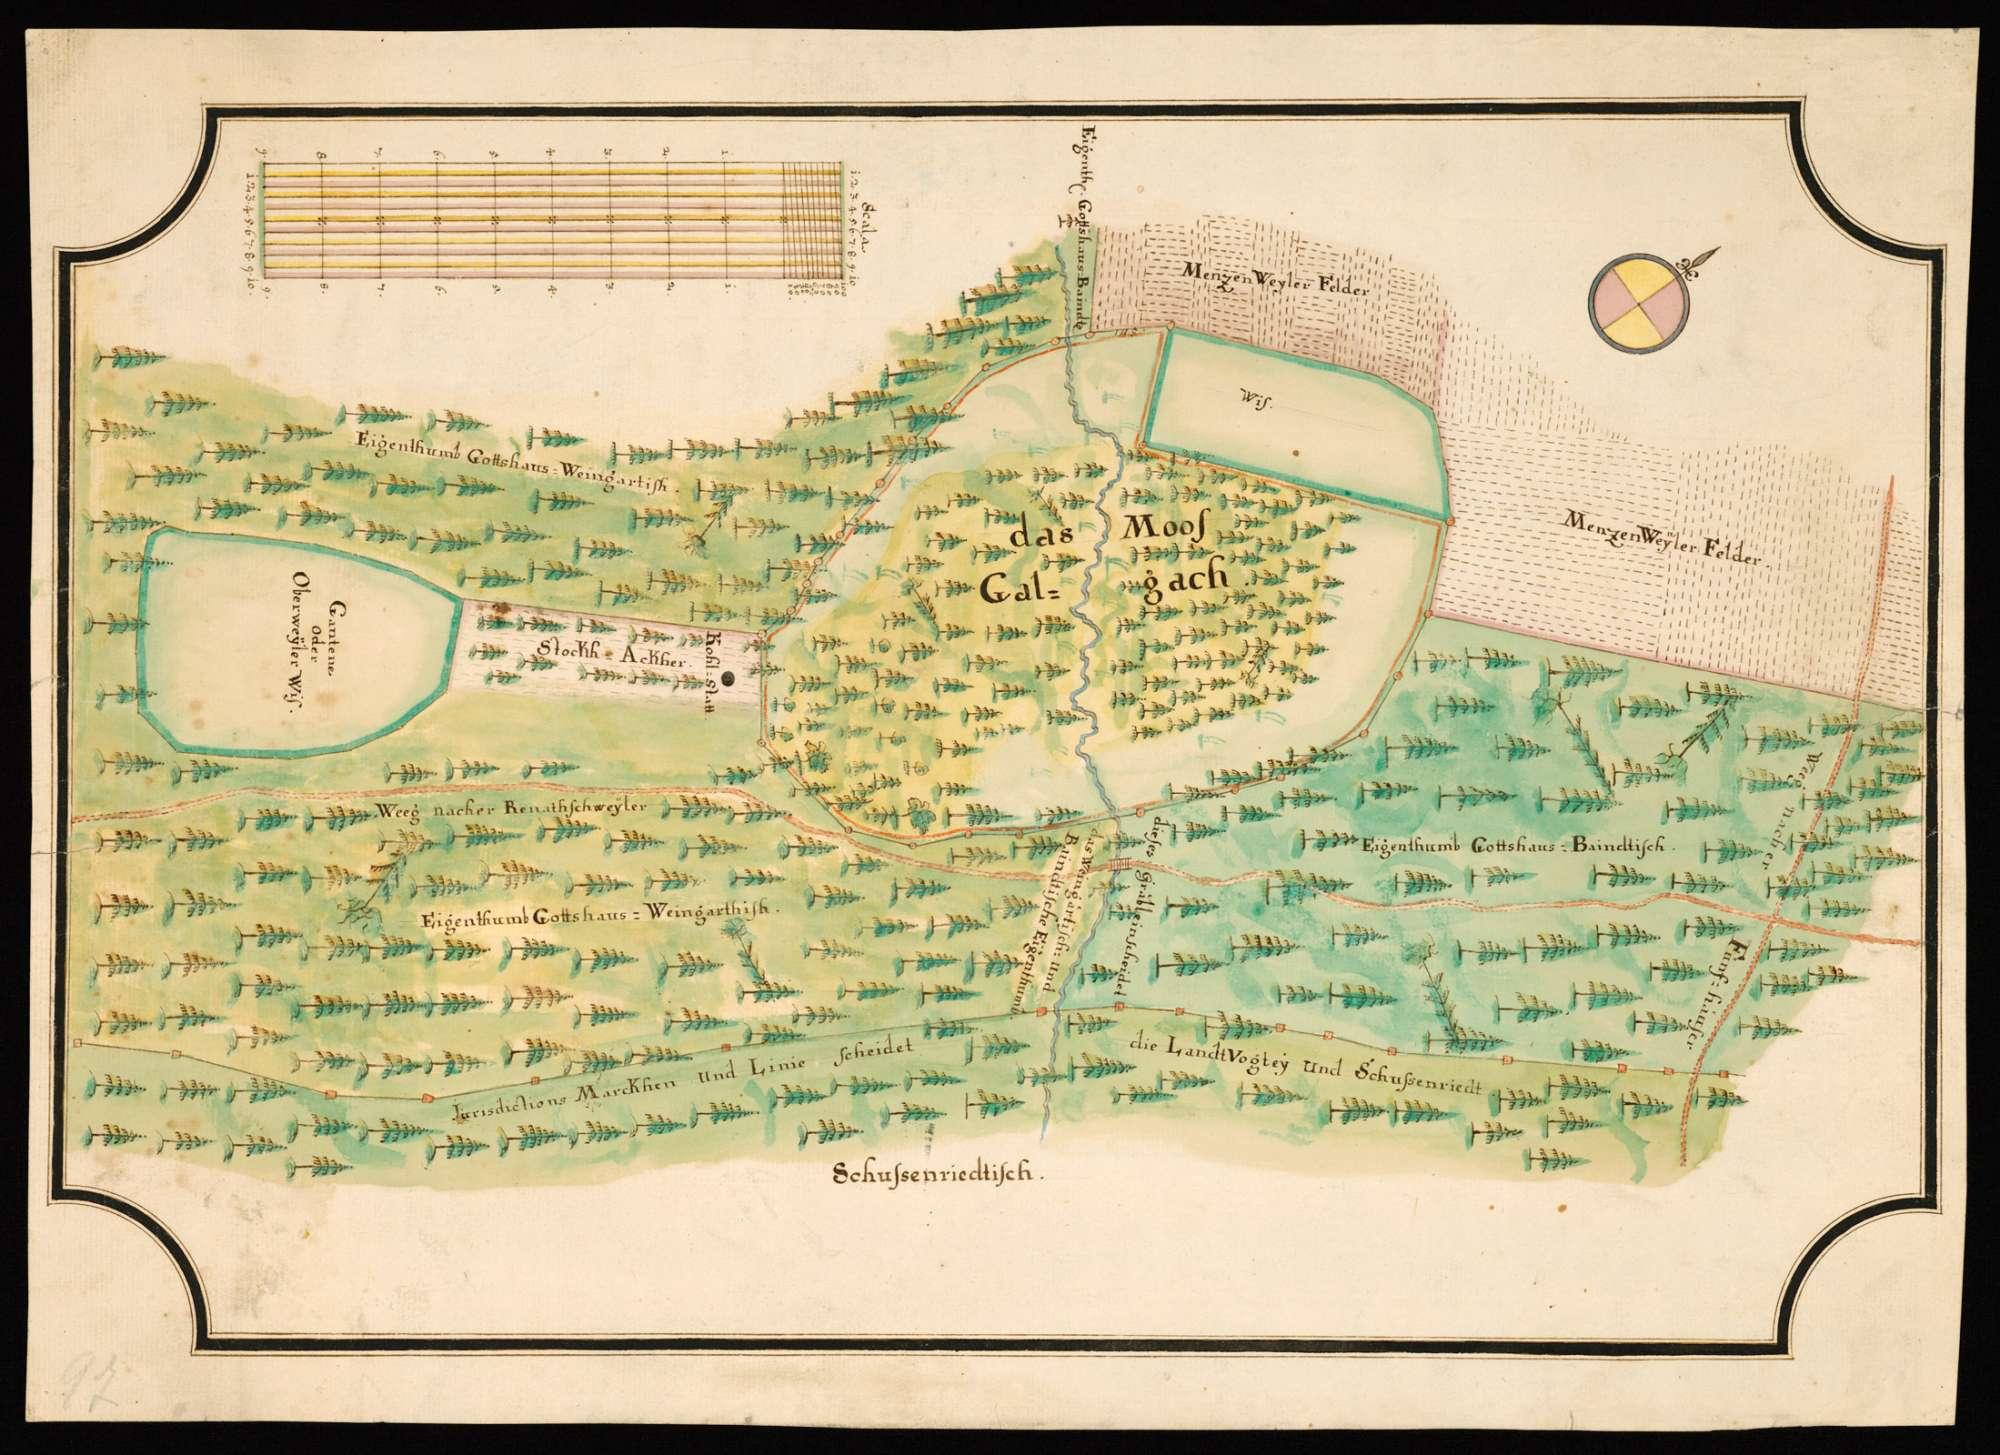 Menzenweiler - Otterswang o. T. [Karte über die Grenz- und Jurisdiktionsverhältnisse im Gebiet von Moos Galgach, Oberwald und Auwald], Bild 2